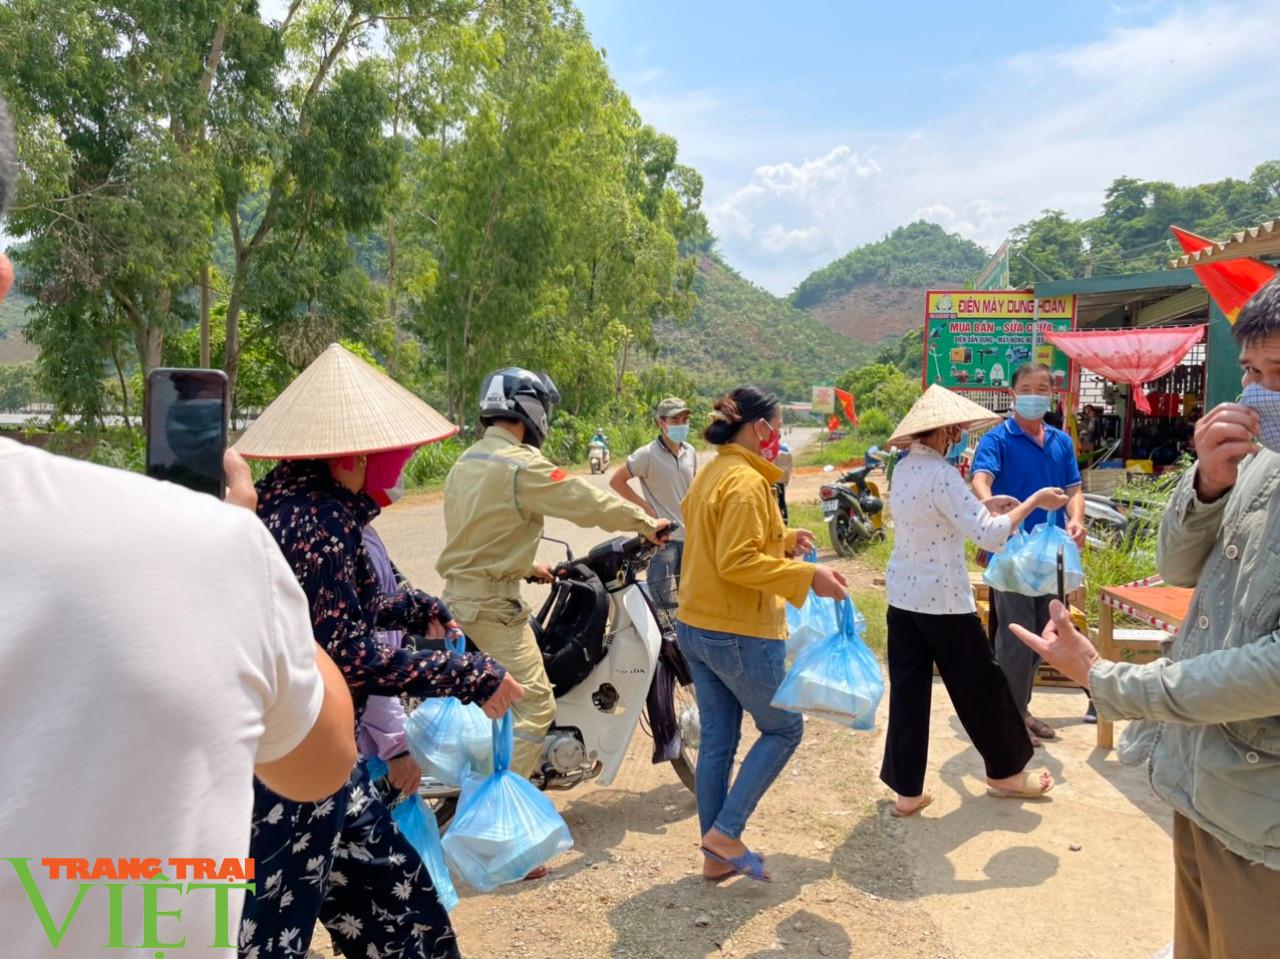 Sơn La: Xúc động trước cảnh người dân nấu cơm và lên rừng lấy cỏ, chặt chuối cho các gia đình bị cách ly  - Ảnh 7.